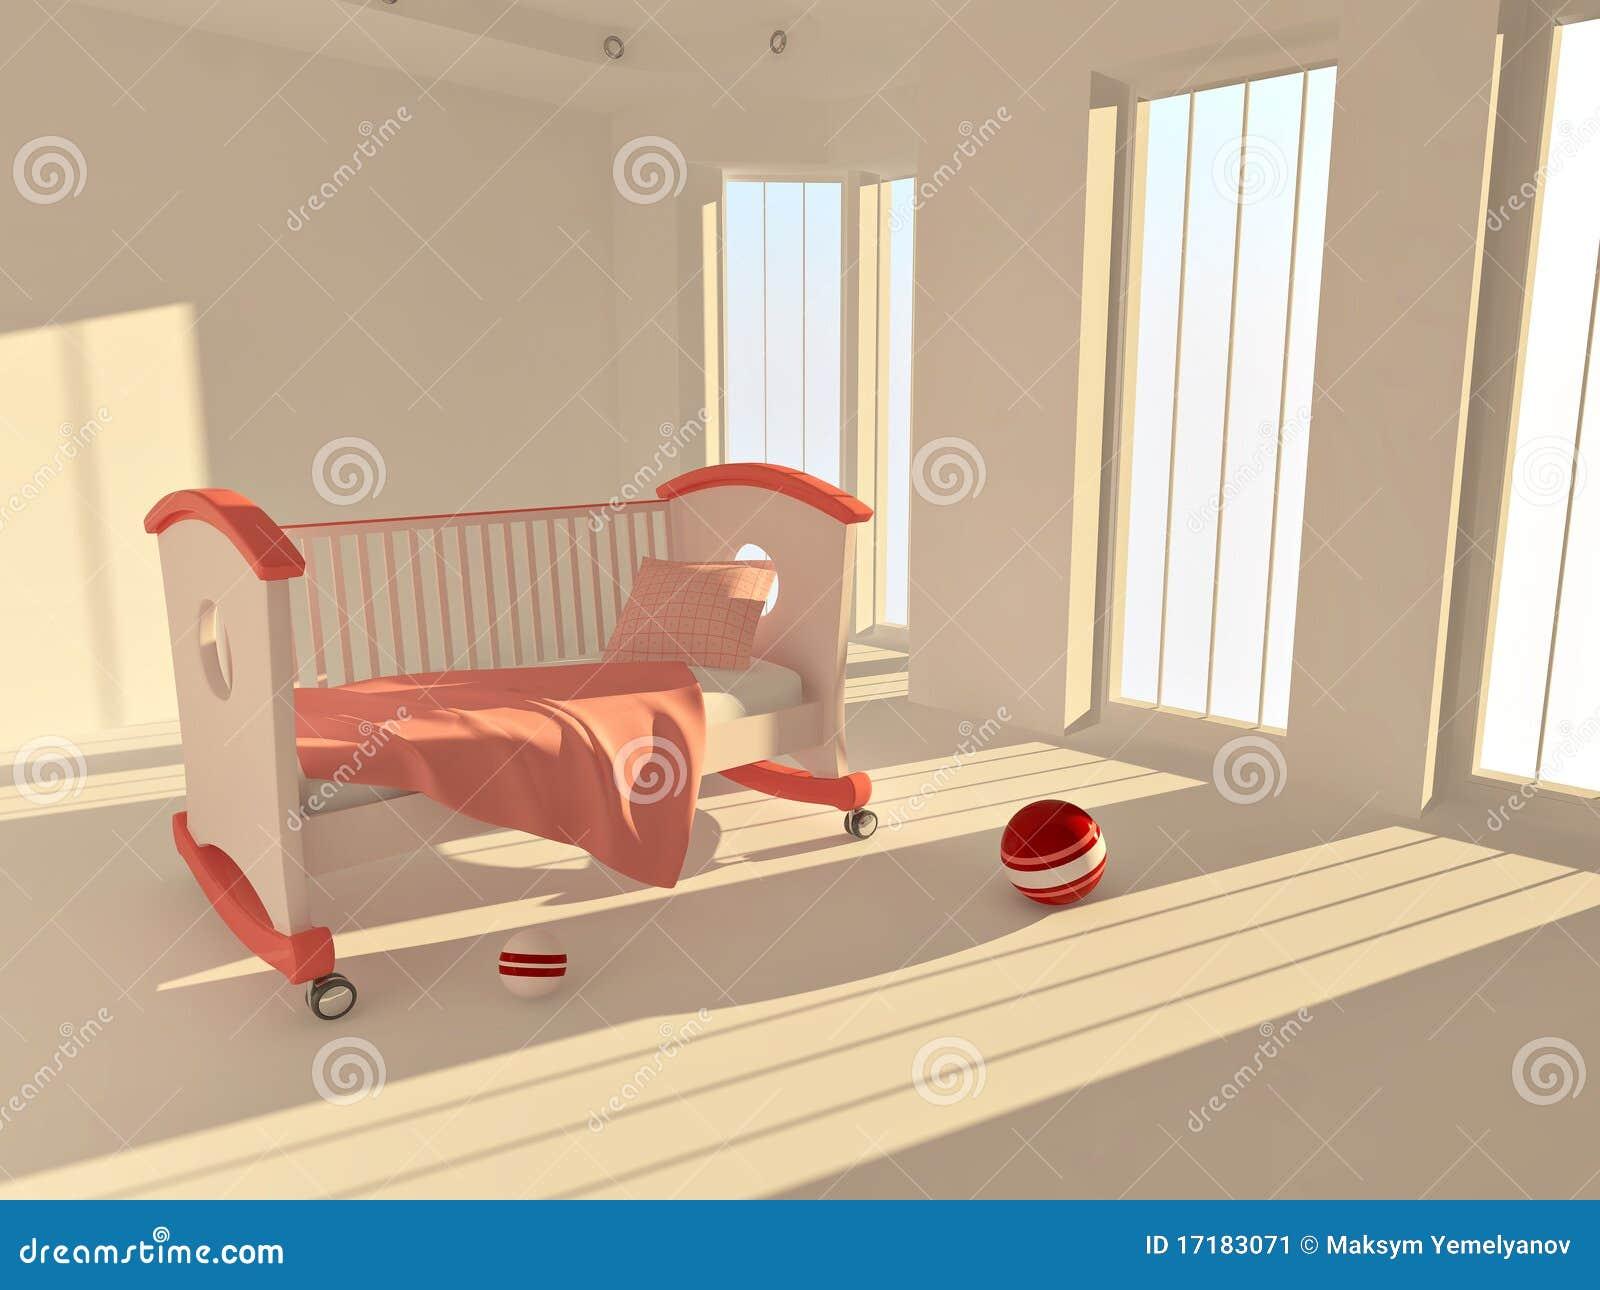 Bett der kinder in einem leeren raum beleuchtet durch for Bett 3 kinder